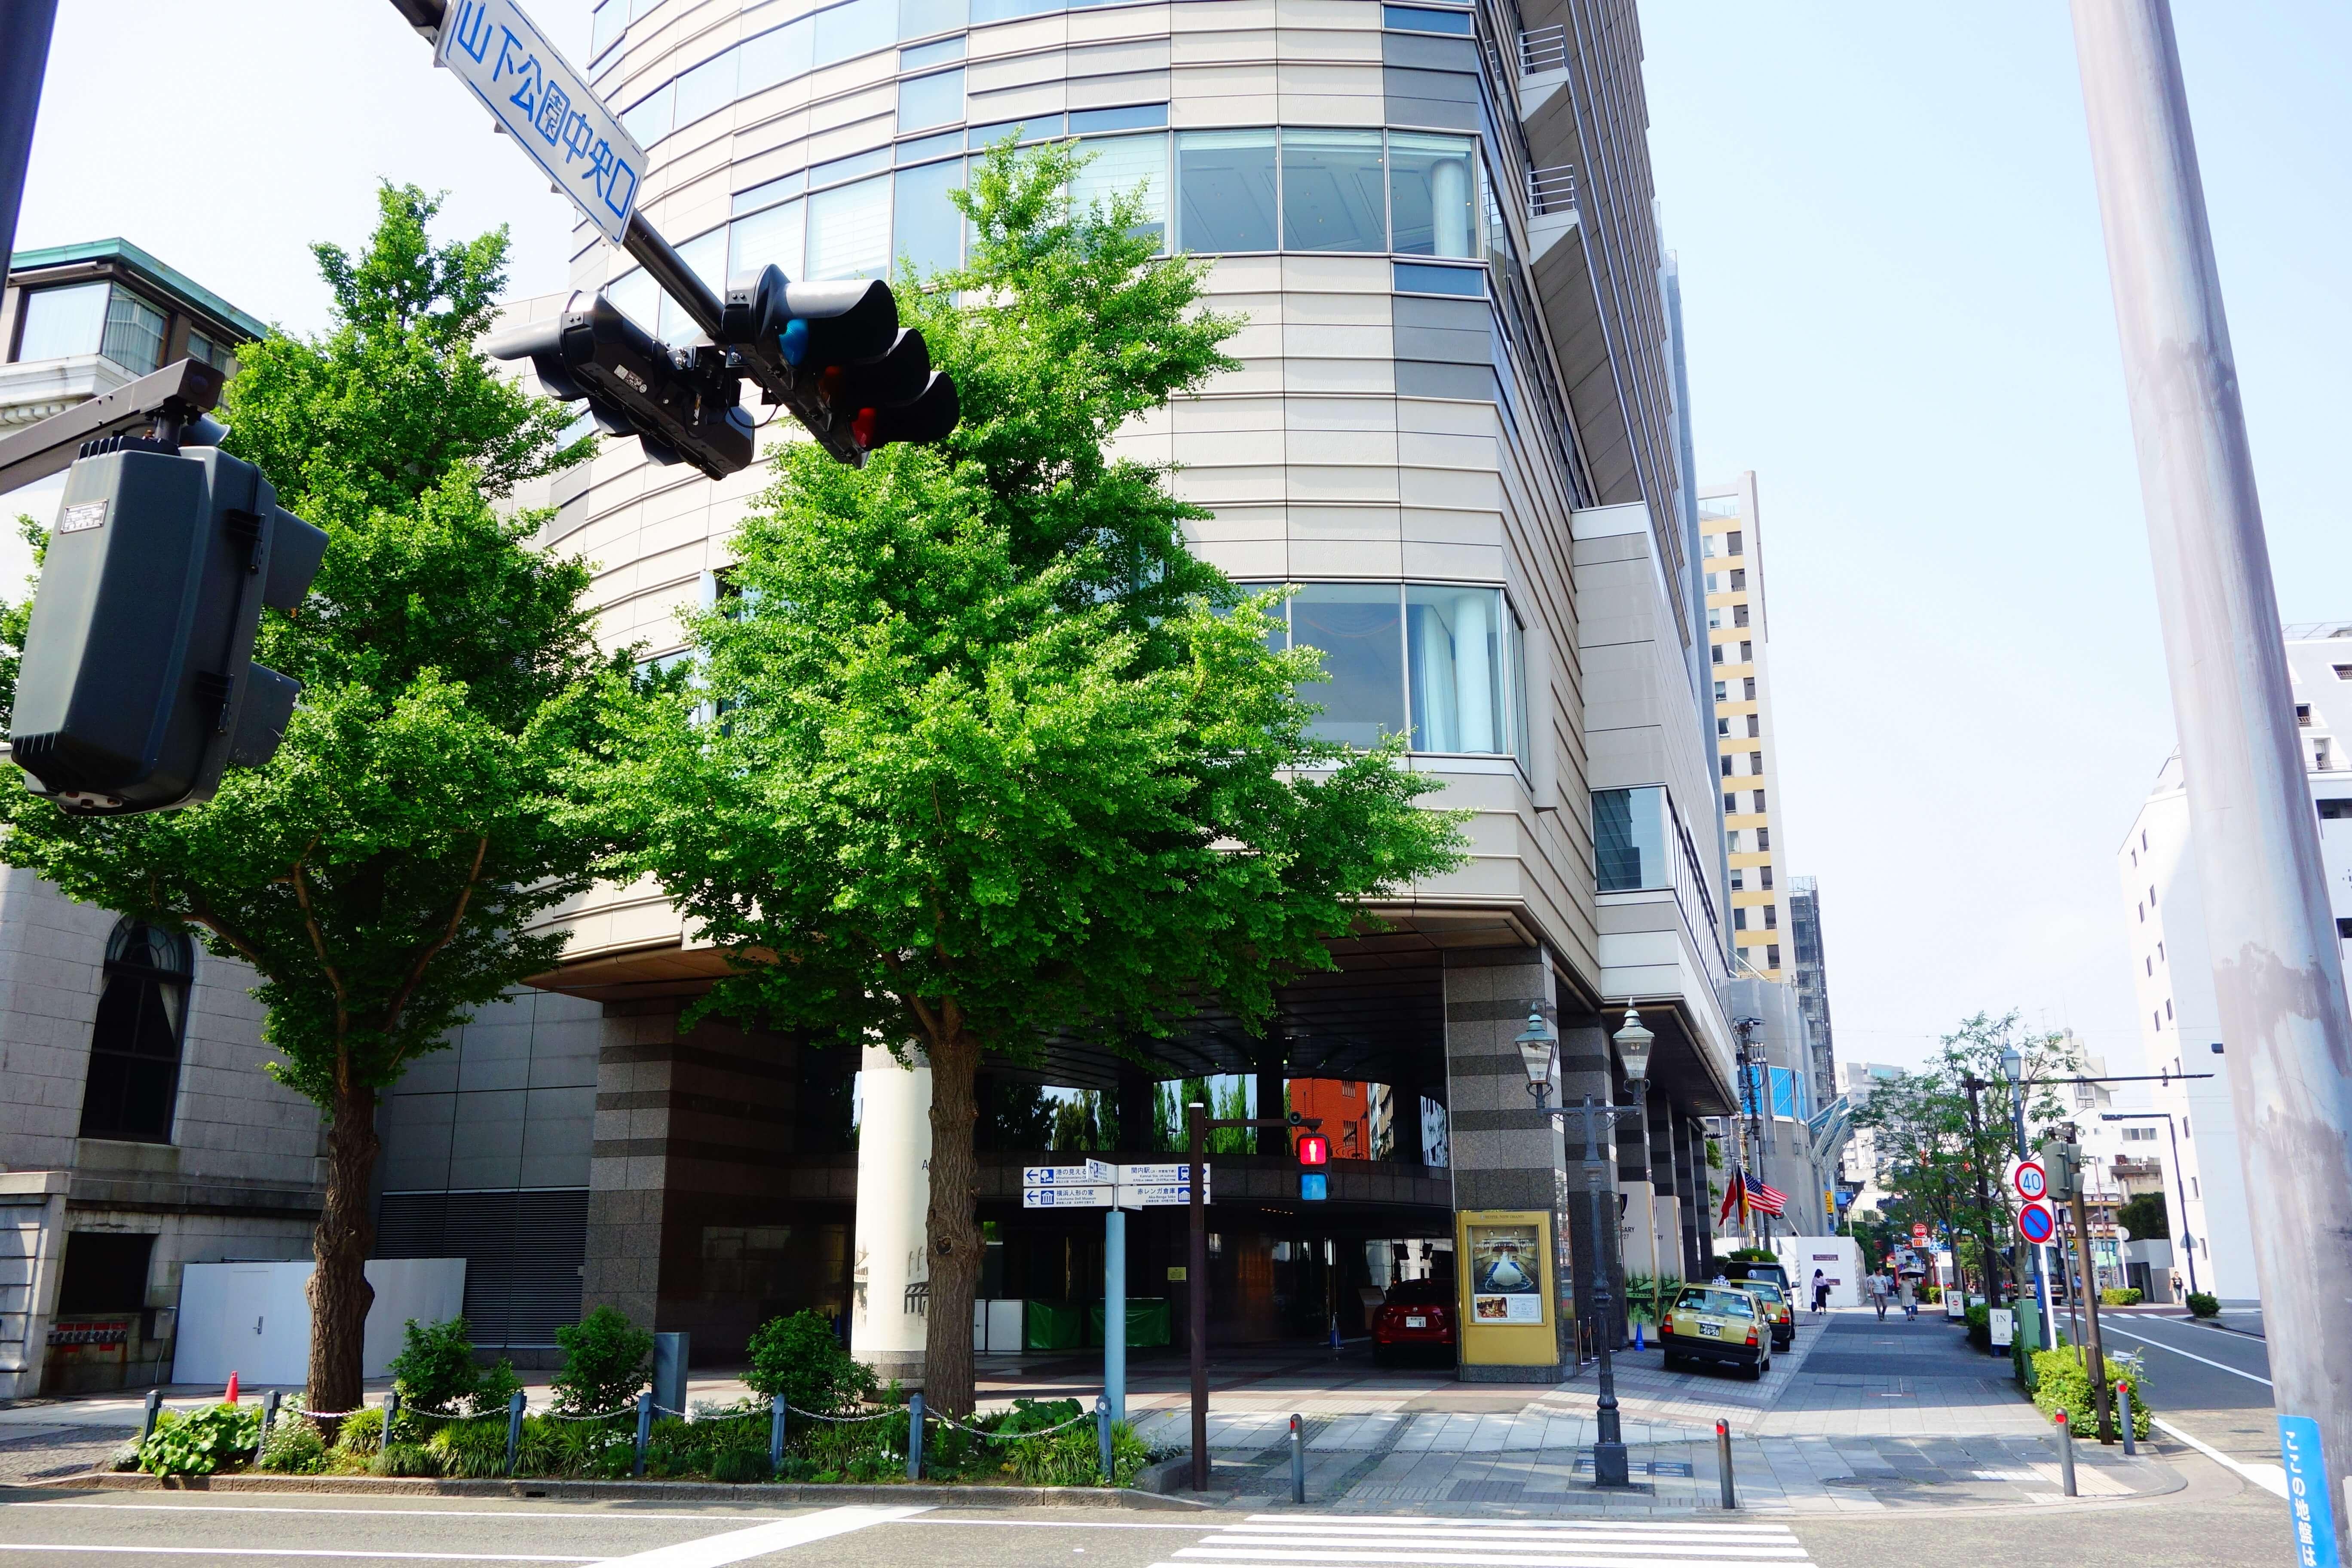 ホテルニューグランド|横浜市駅チカ観光に便利なホテルで自分にご褒美を!